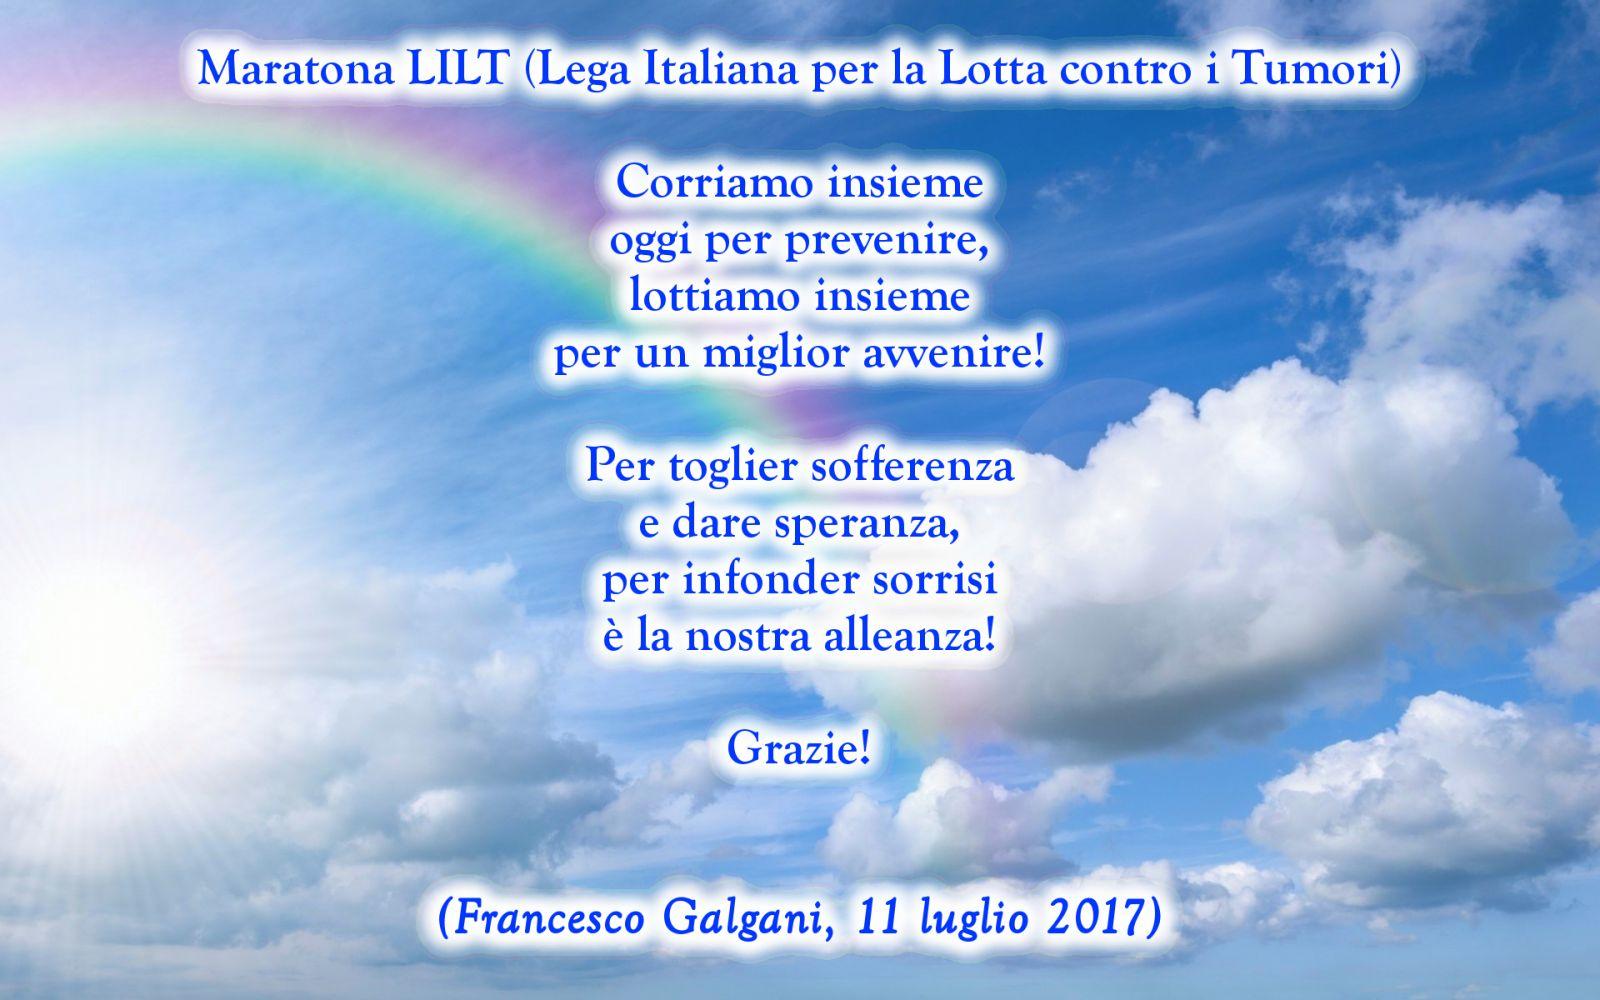 Maratona LILT (Lega Italiana per la Lotta contro i Tumori)